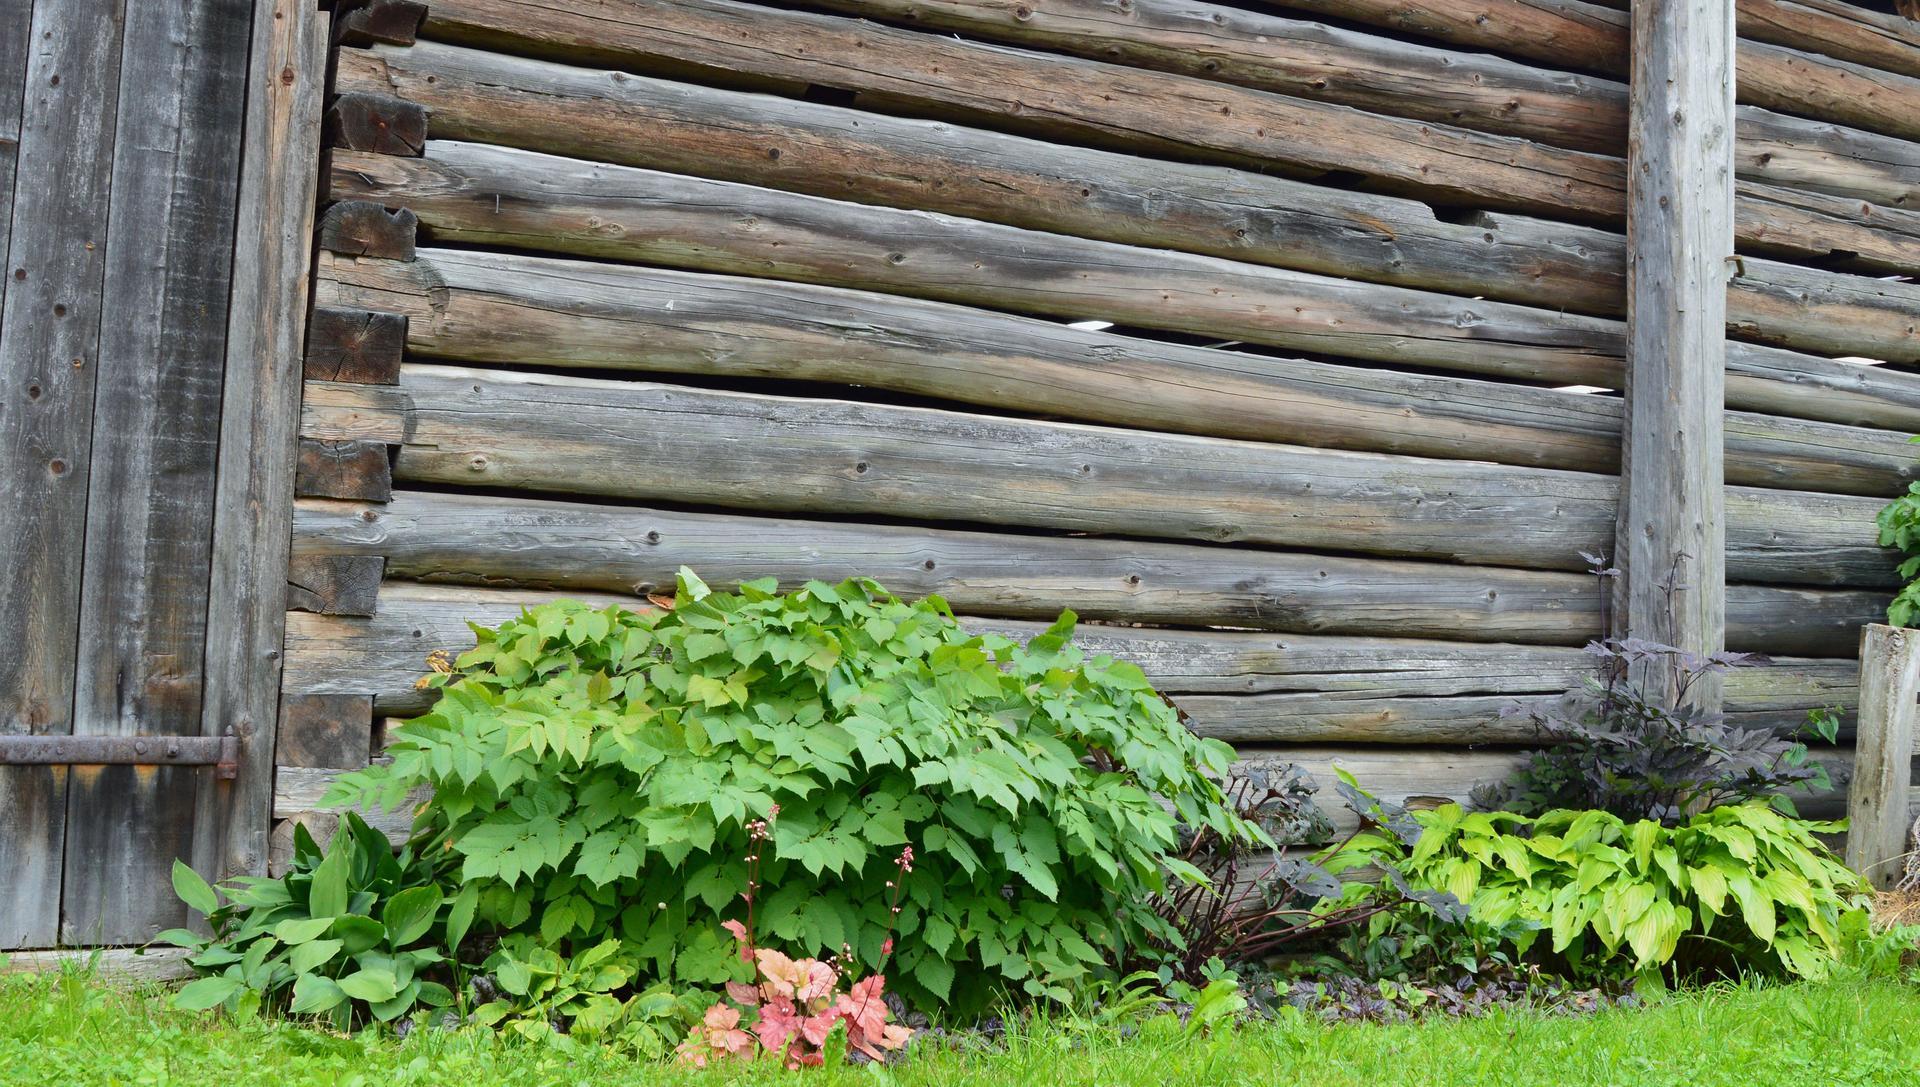 Naša prírodná perma záhradka v roku 2020 - kedysi a dnes: https://www.modrastrecha.sk/blog/ivus78/album/nasa-nielen-permakulturna-zahradka-44mdg9/16731392/